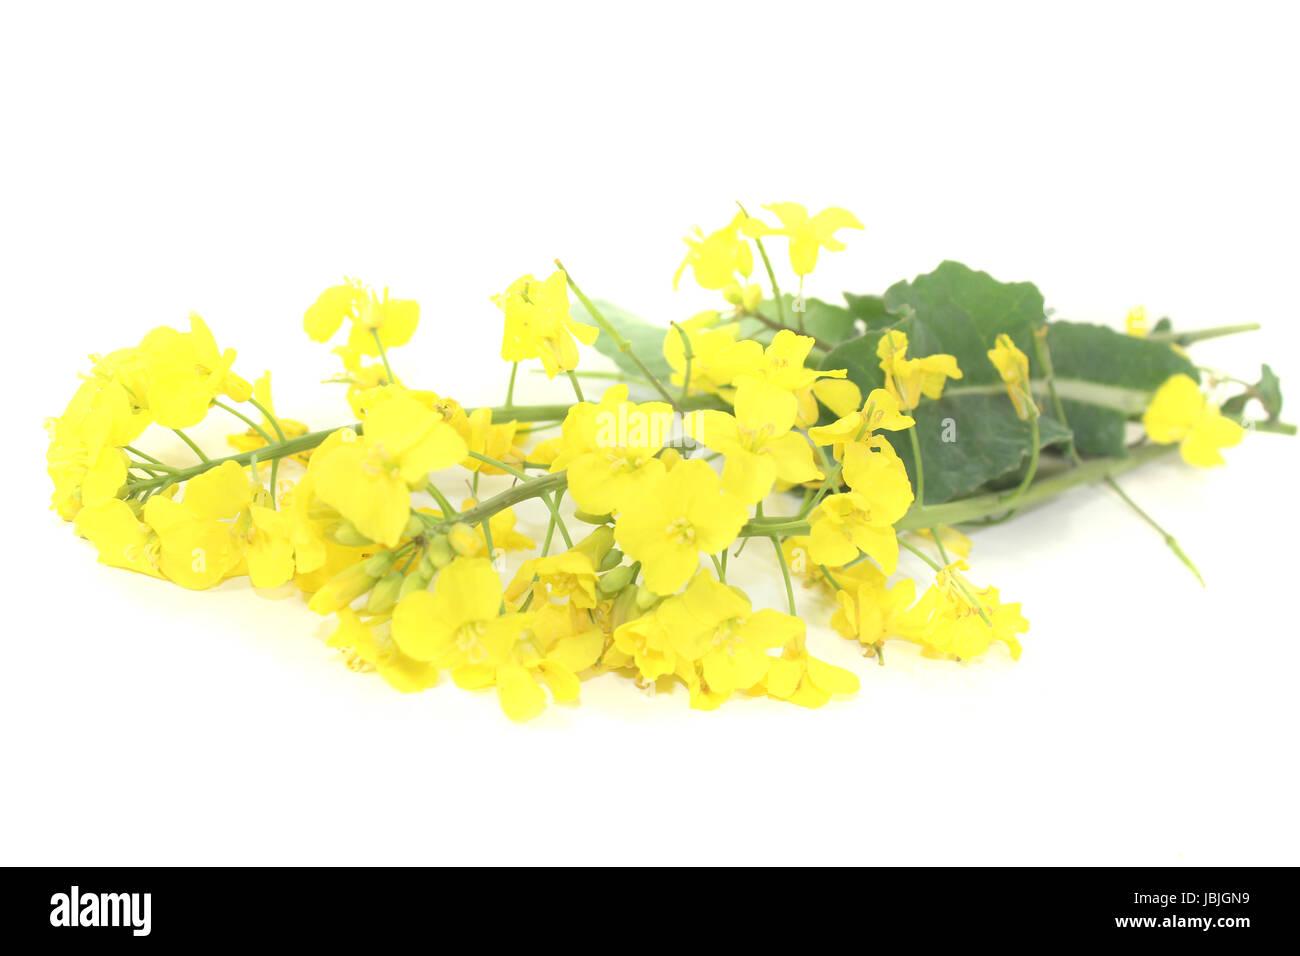 frische Rapsblüten vor hellem Hintergrund Stock Photo